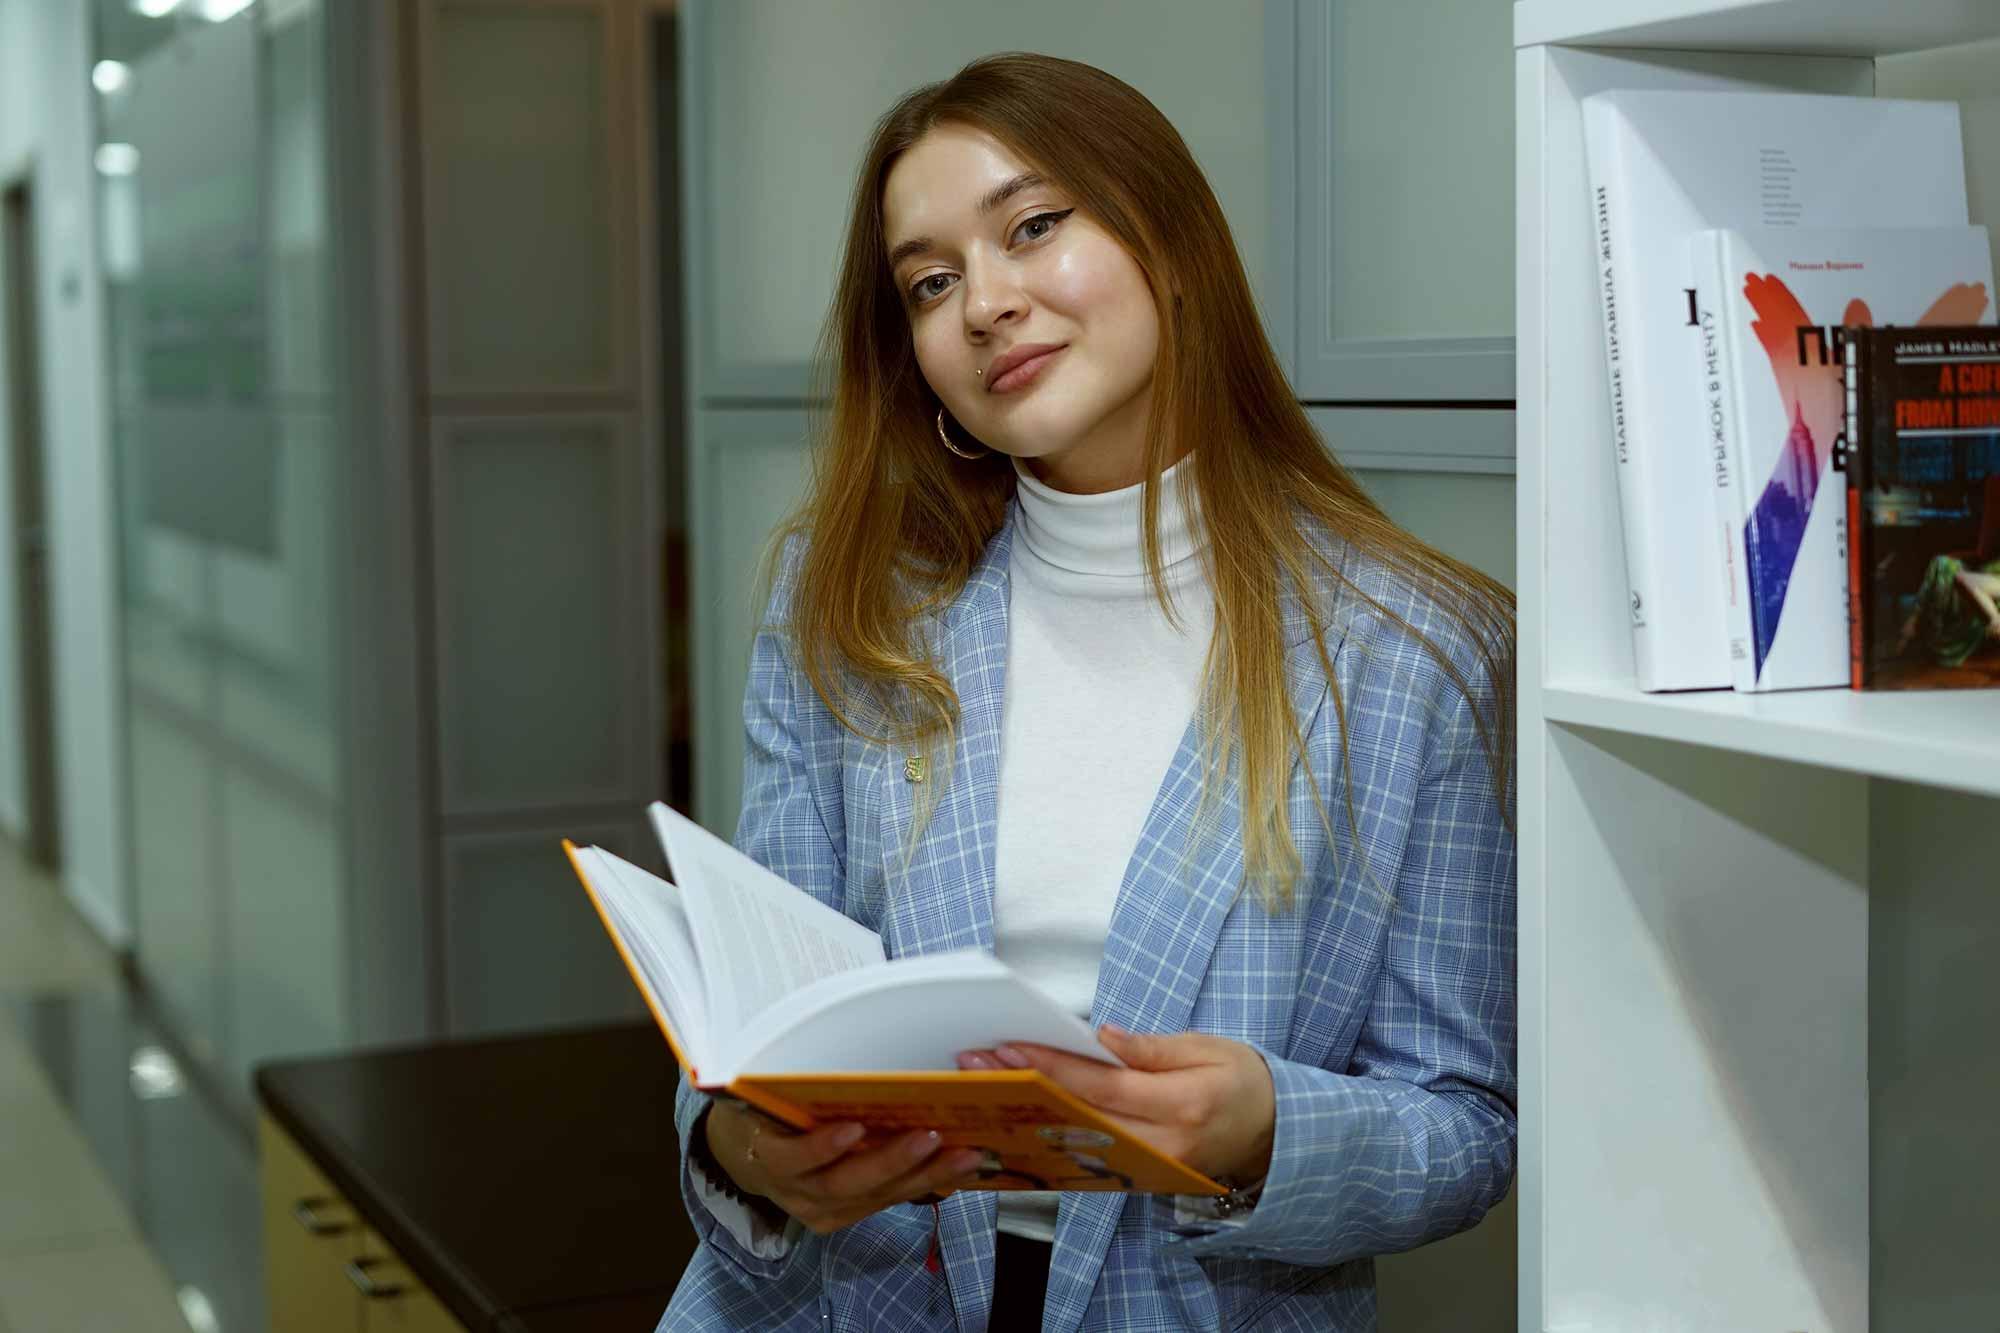 София Шаркова, менеджер коммерческого отдела CSCPharma